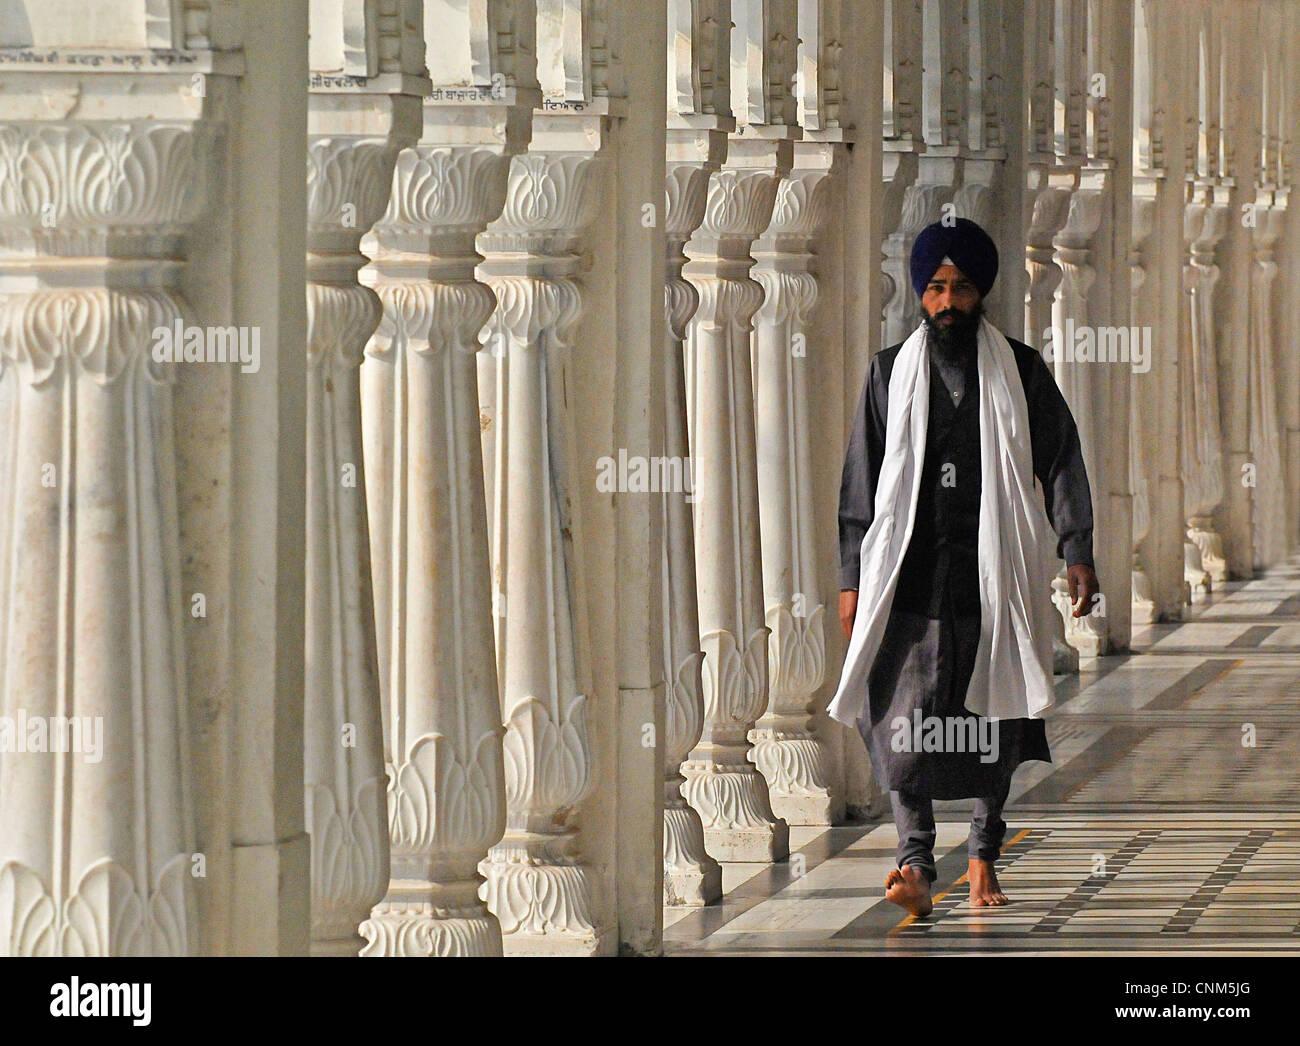 Asie Inde Punjab Amritsar Temple Doré ou Hari Mandir porche avec colonnes à l'intérieur du temple Photo Stock